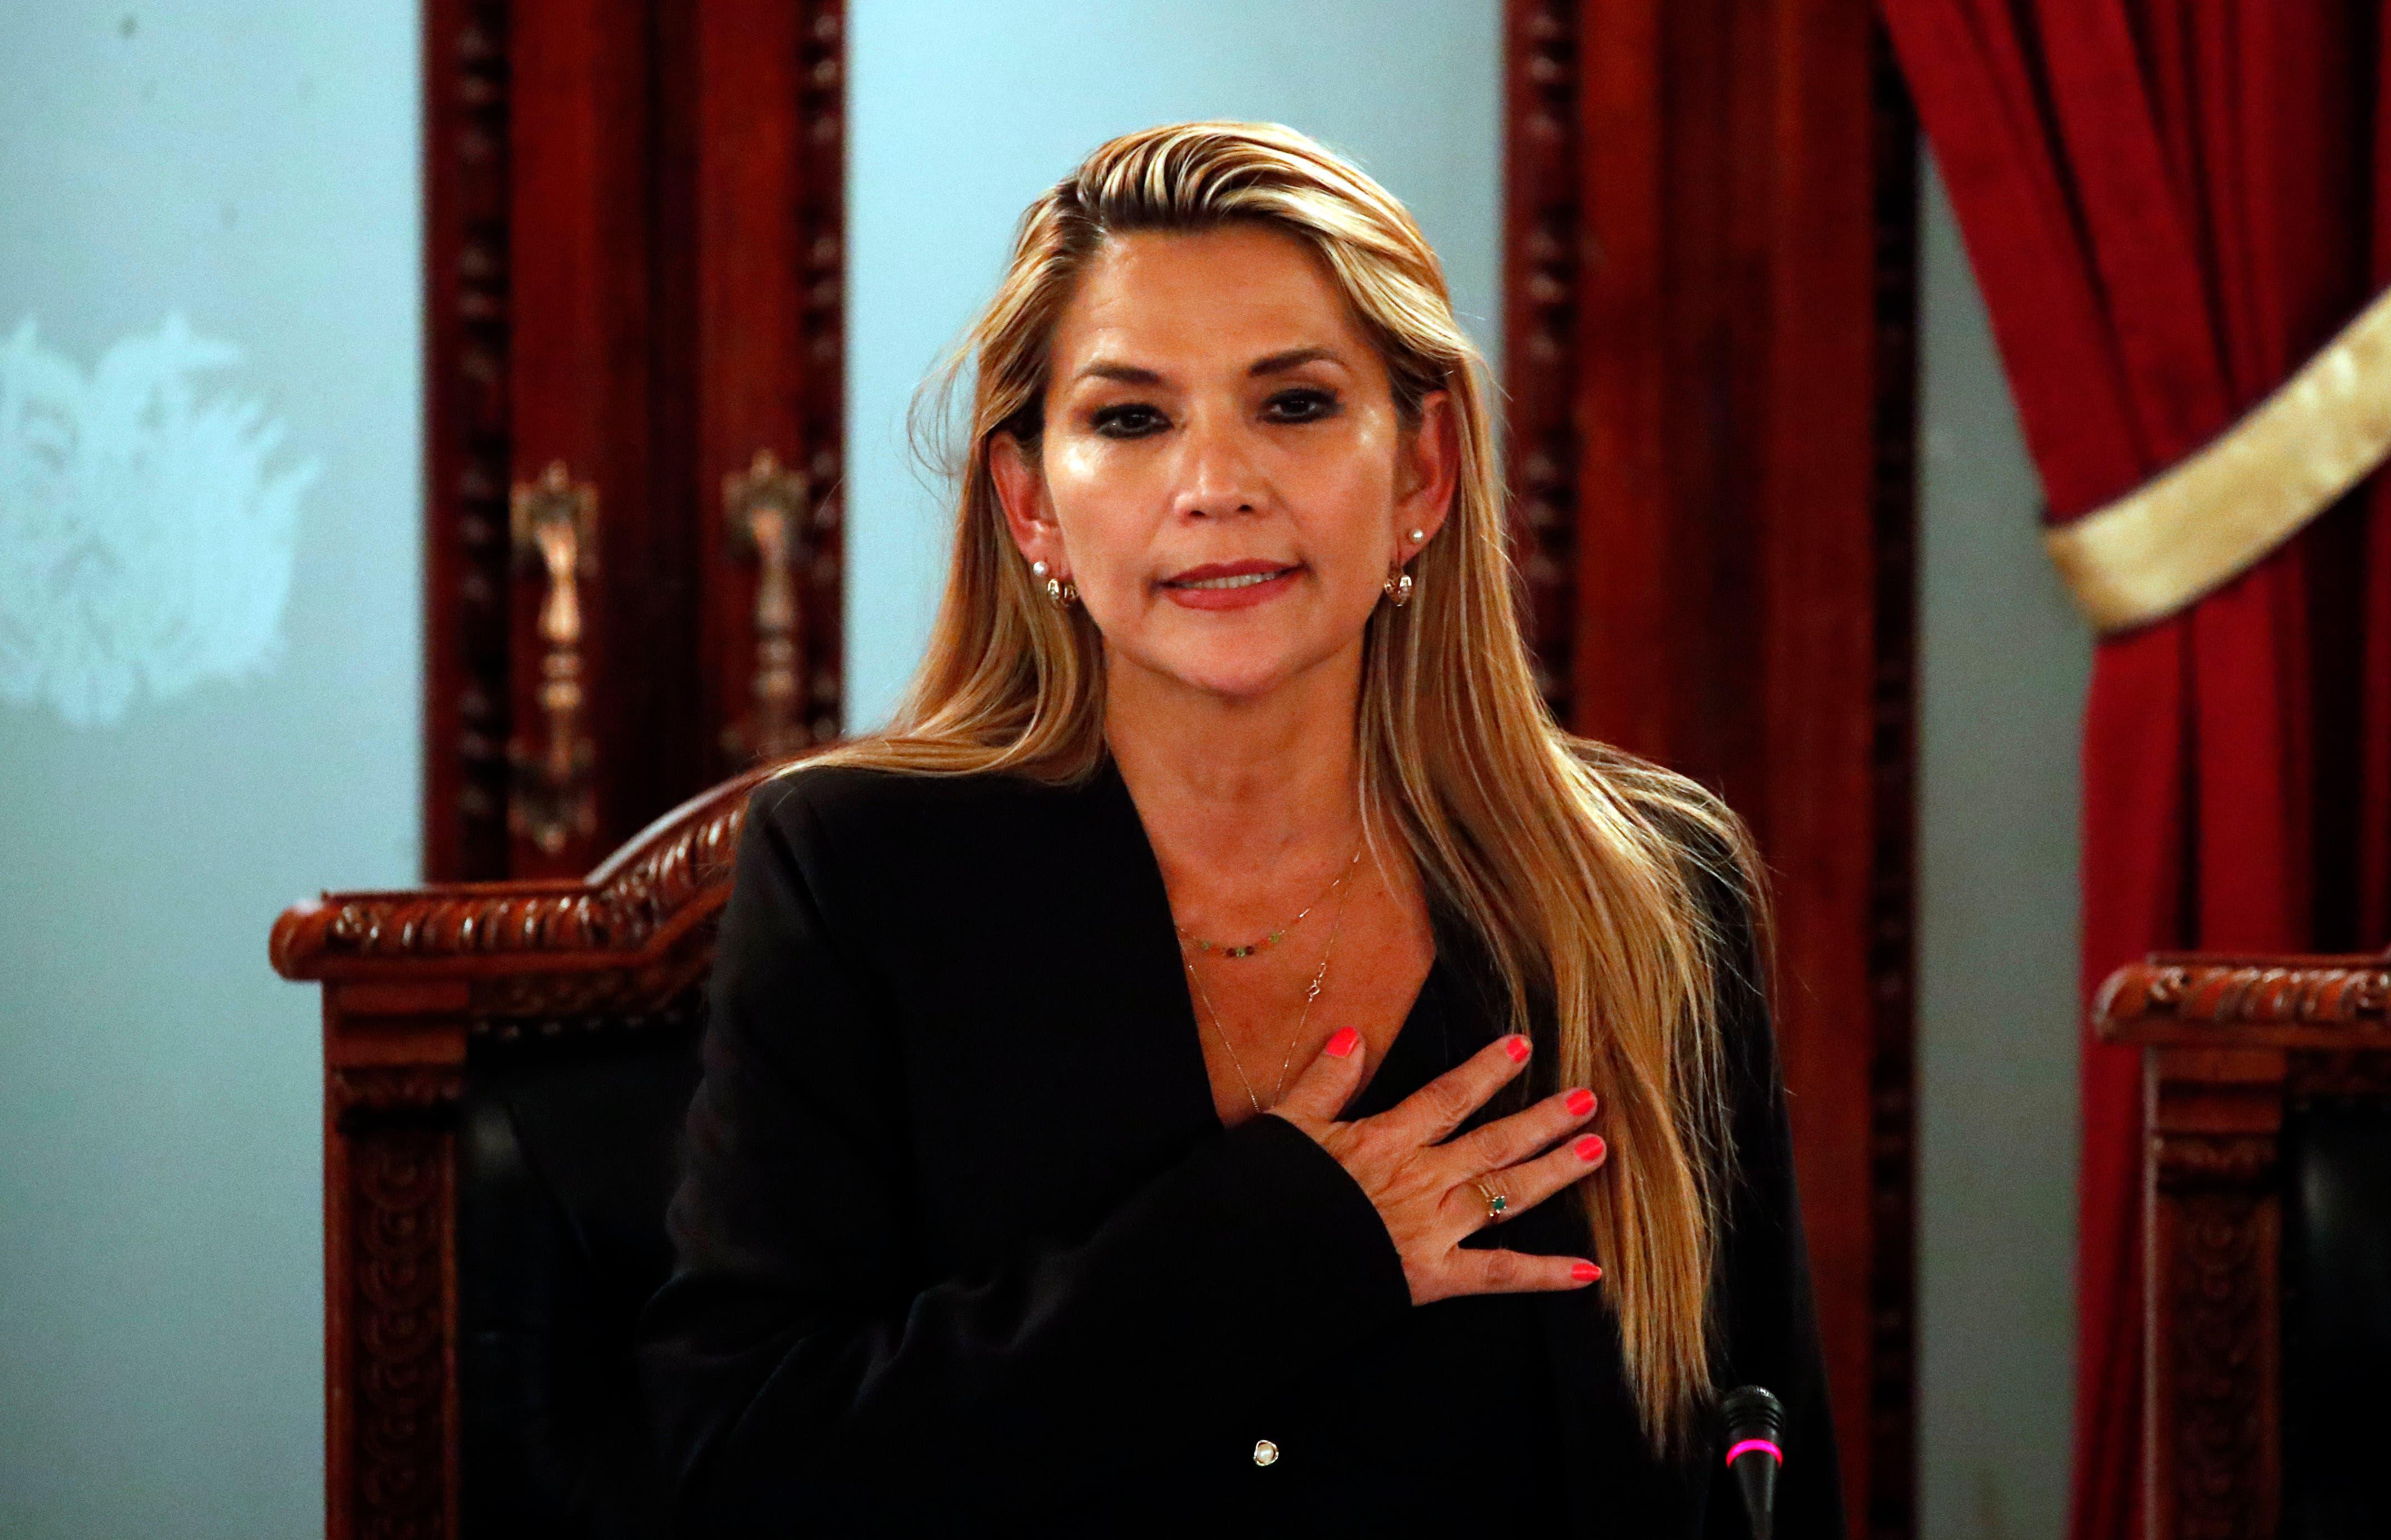 Bolivia afronta un nuevo e incierto panorama después de que Jeanine Añez se proclamó presidenta interina